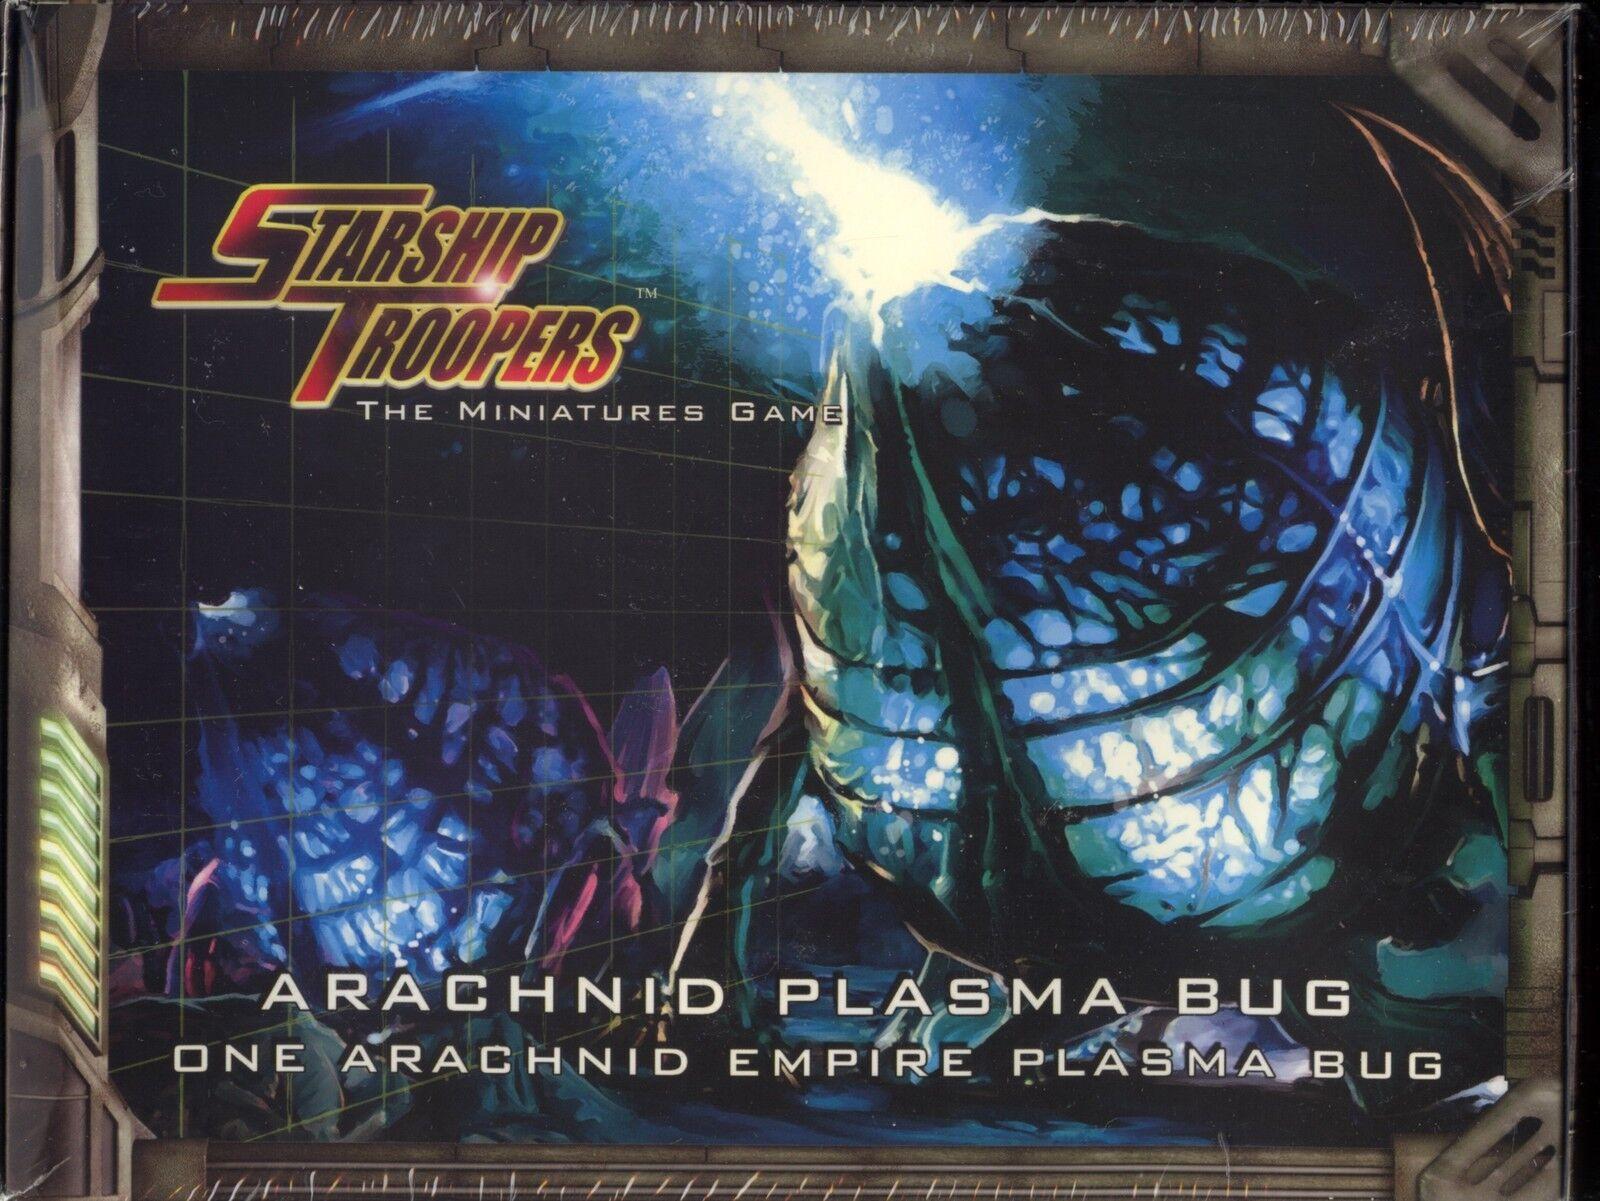 Starship troopers die miniaturen spiel spinnentier plasma bug box minze